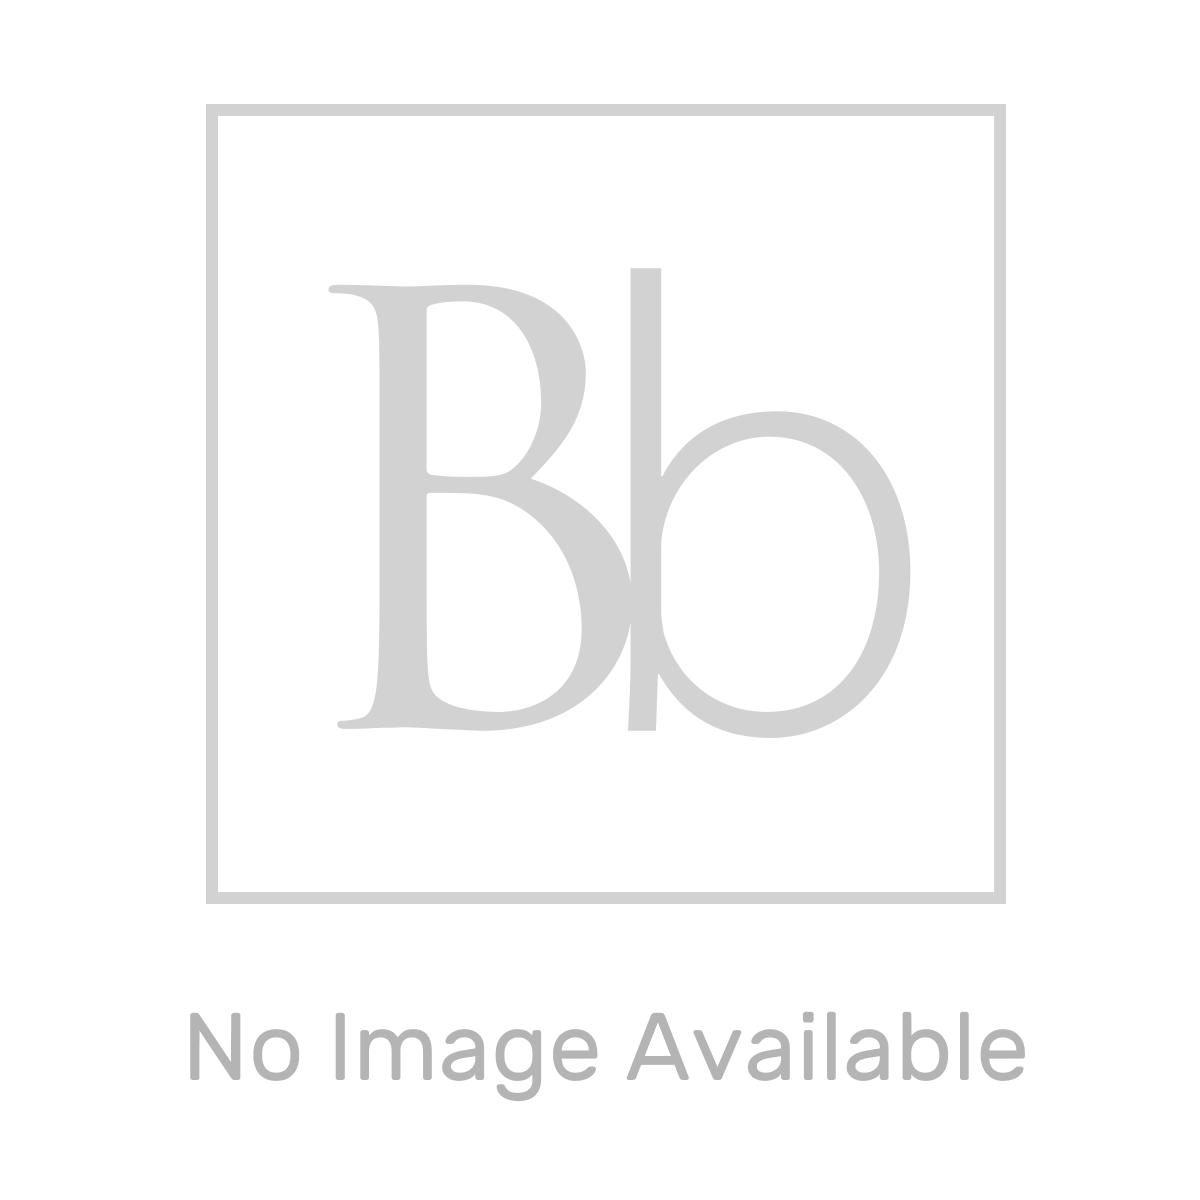 Premier Legend Close Coupled Toilet Dimensions